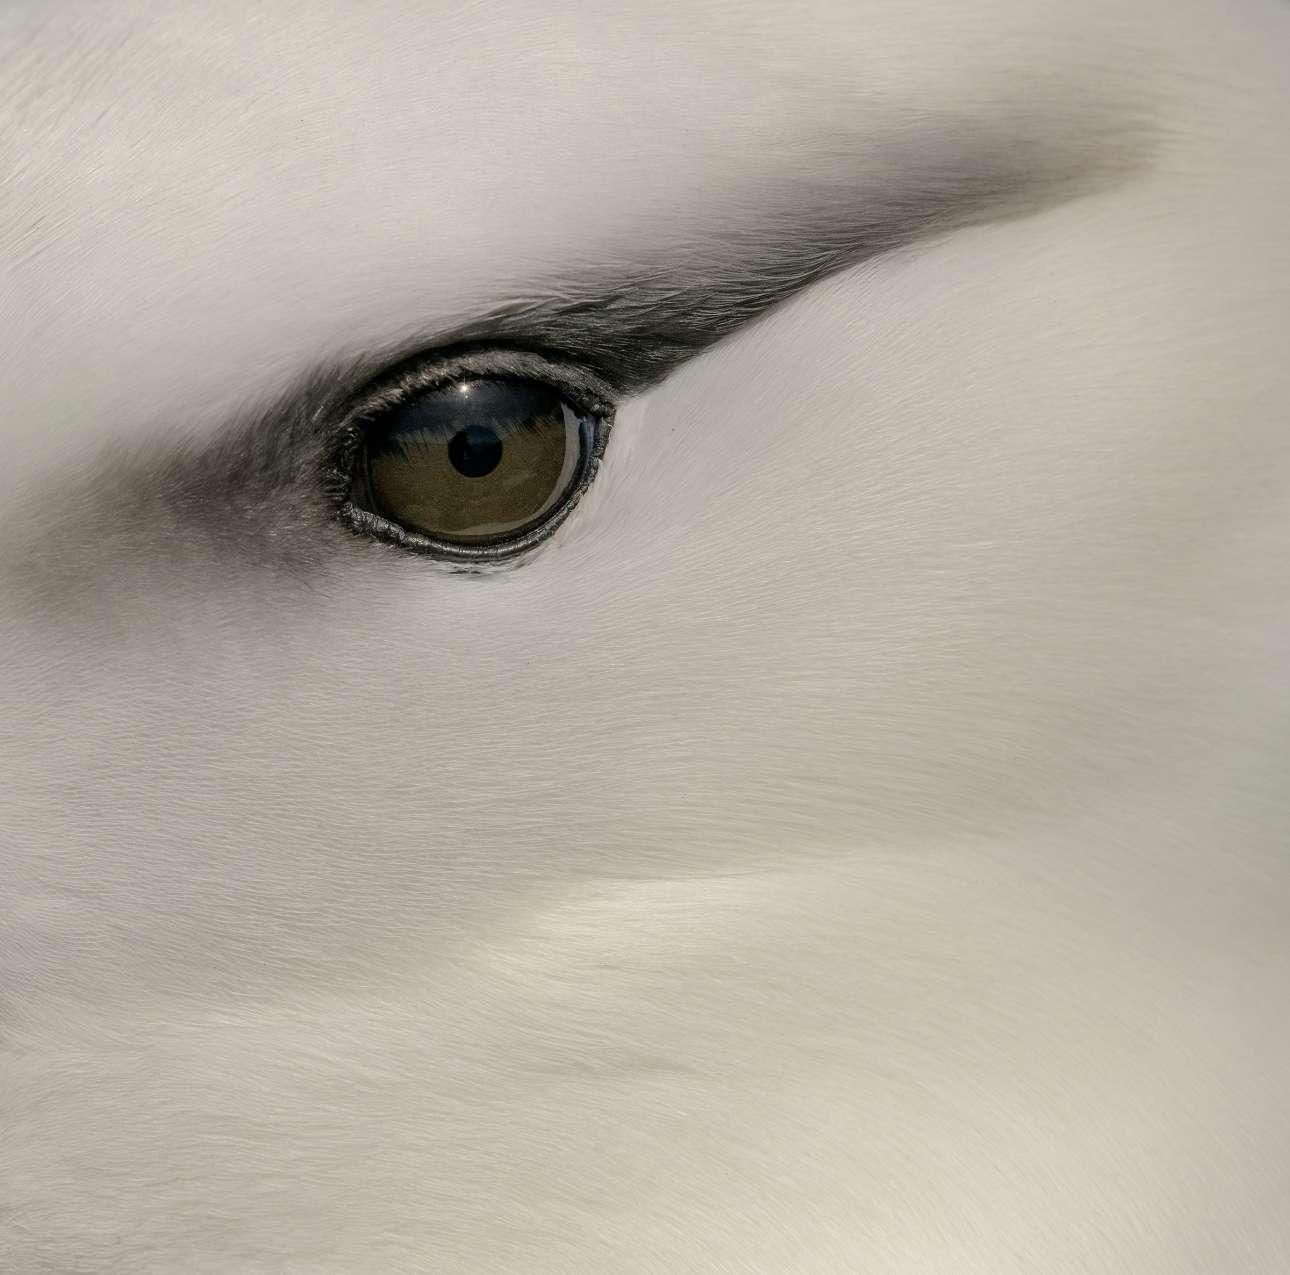 «Μαυροφρύδης άλμπατρος». Ο φωτογράφος παρατηρεί και αποτυπώνει την απλή, κομψή ομορφιά των ματιών των ενηλίκων πουλιών της ανοικτής θάλασσας σε ένα αφαιρετικό καρέ, στα νησιά Φόκλαντ